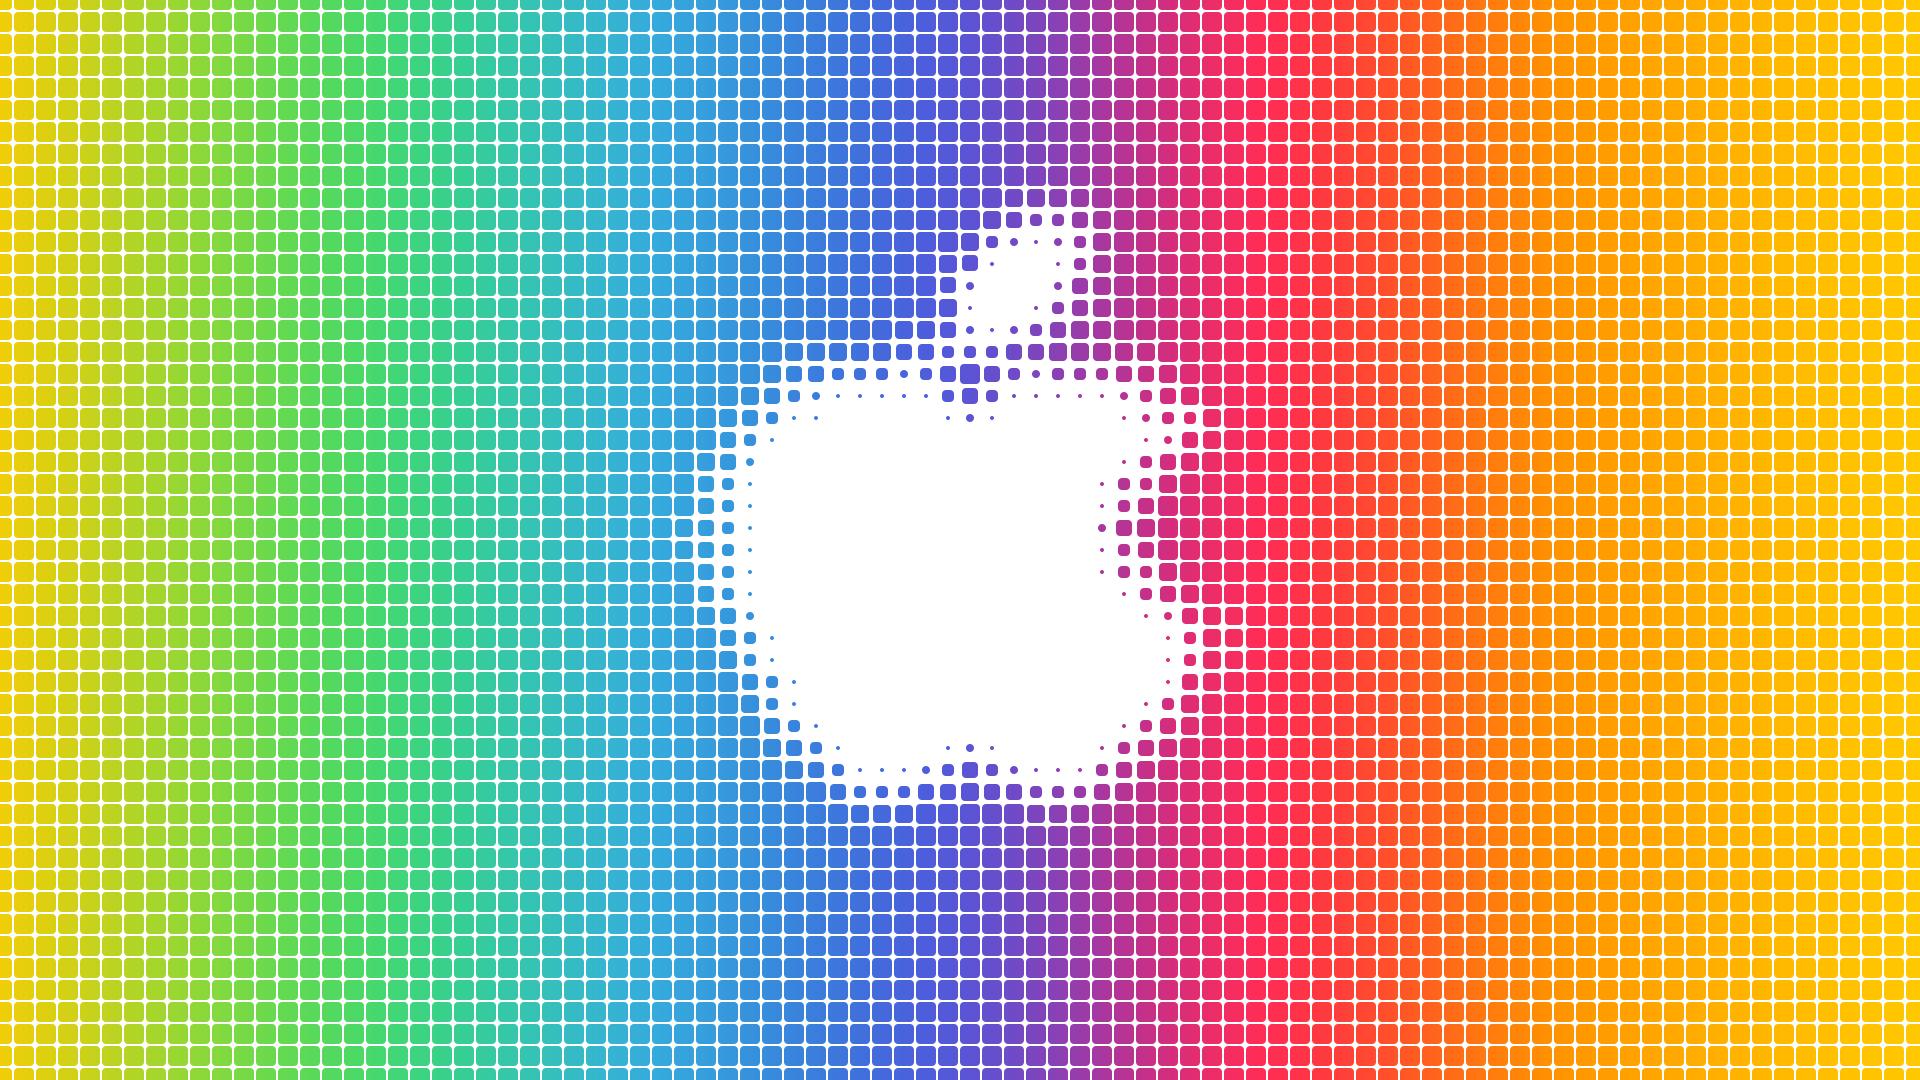 Итоги выставки Apple Special Event — анонс iPhone 8, iPhone 8 Plus и iPhone X, обновленная Apple TV и многое другое